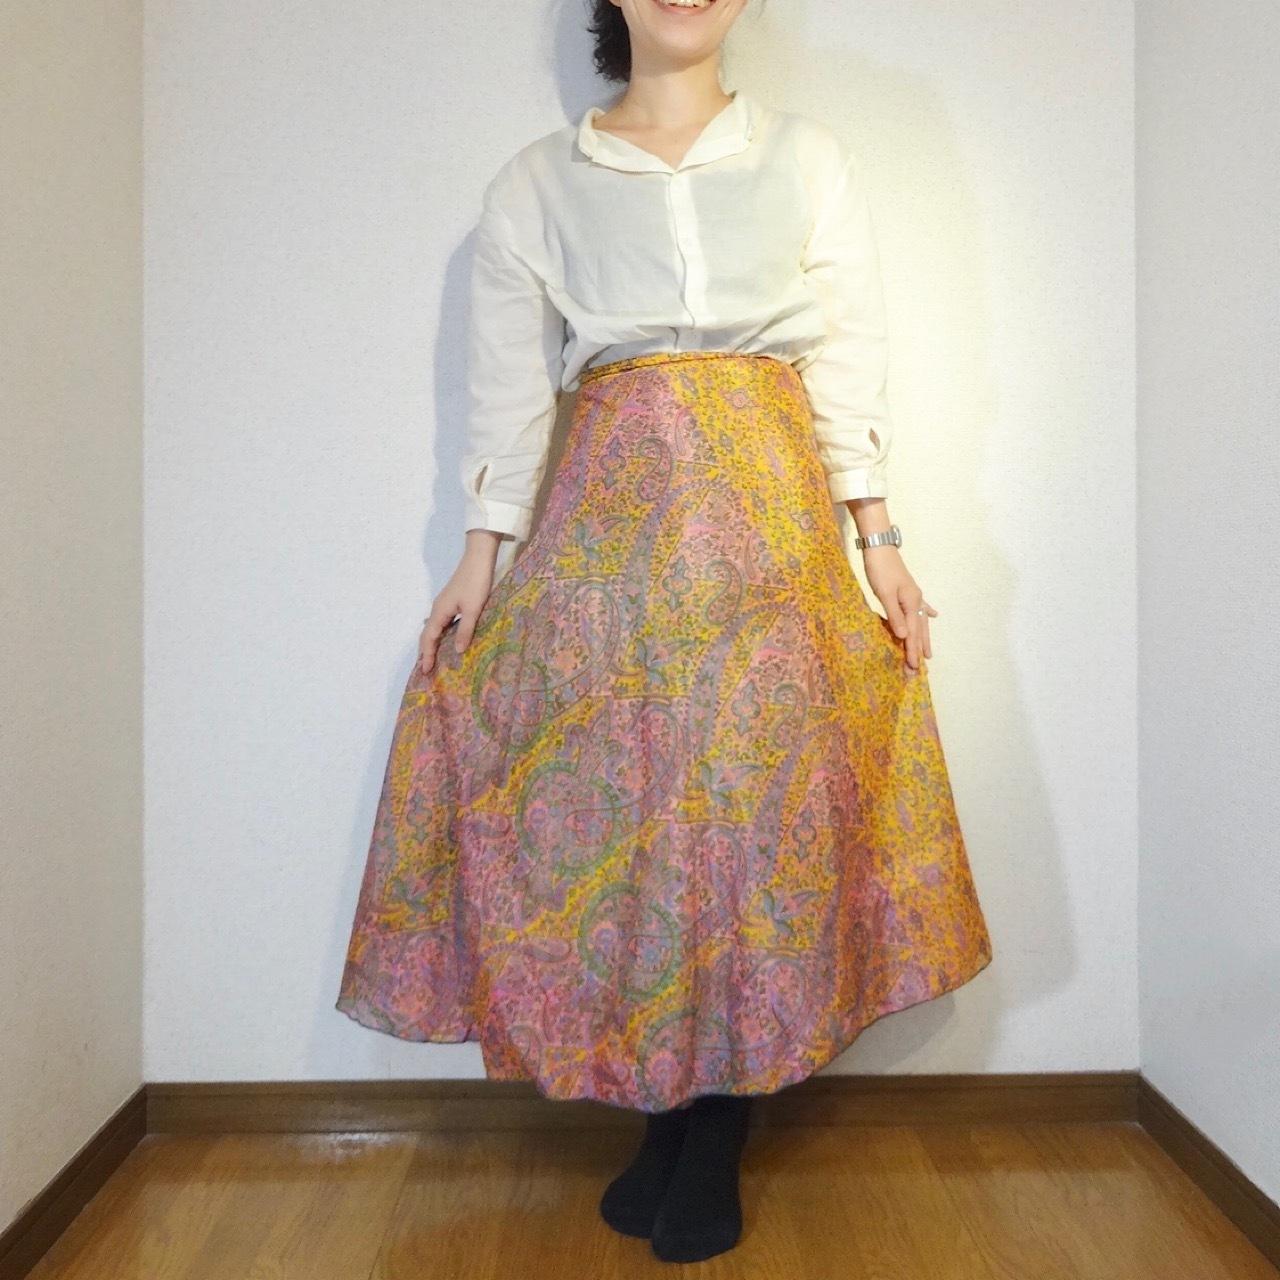 vdsl-091 ビンテージシルクサリー巻きスカートロング 【松毬萌黄】